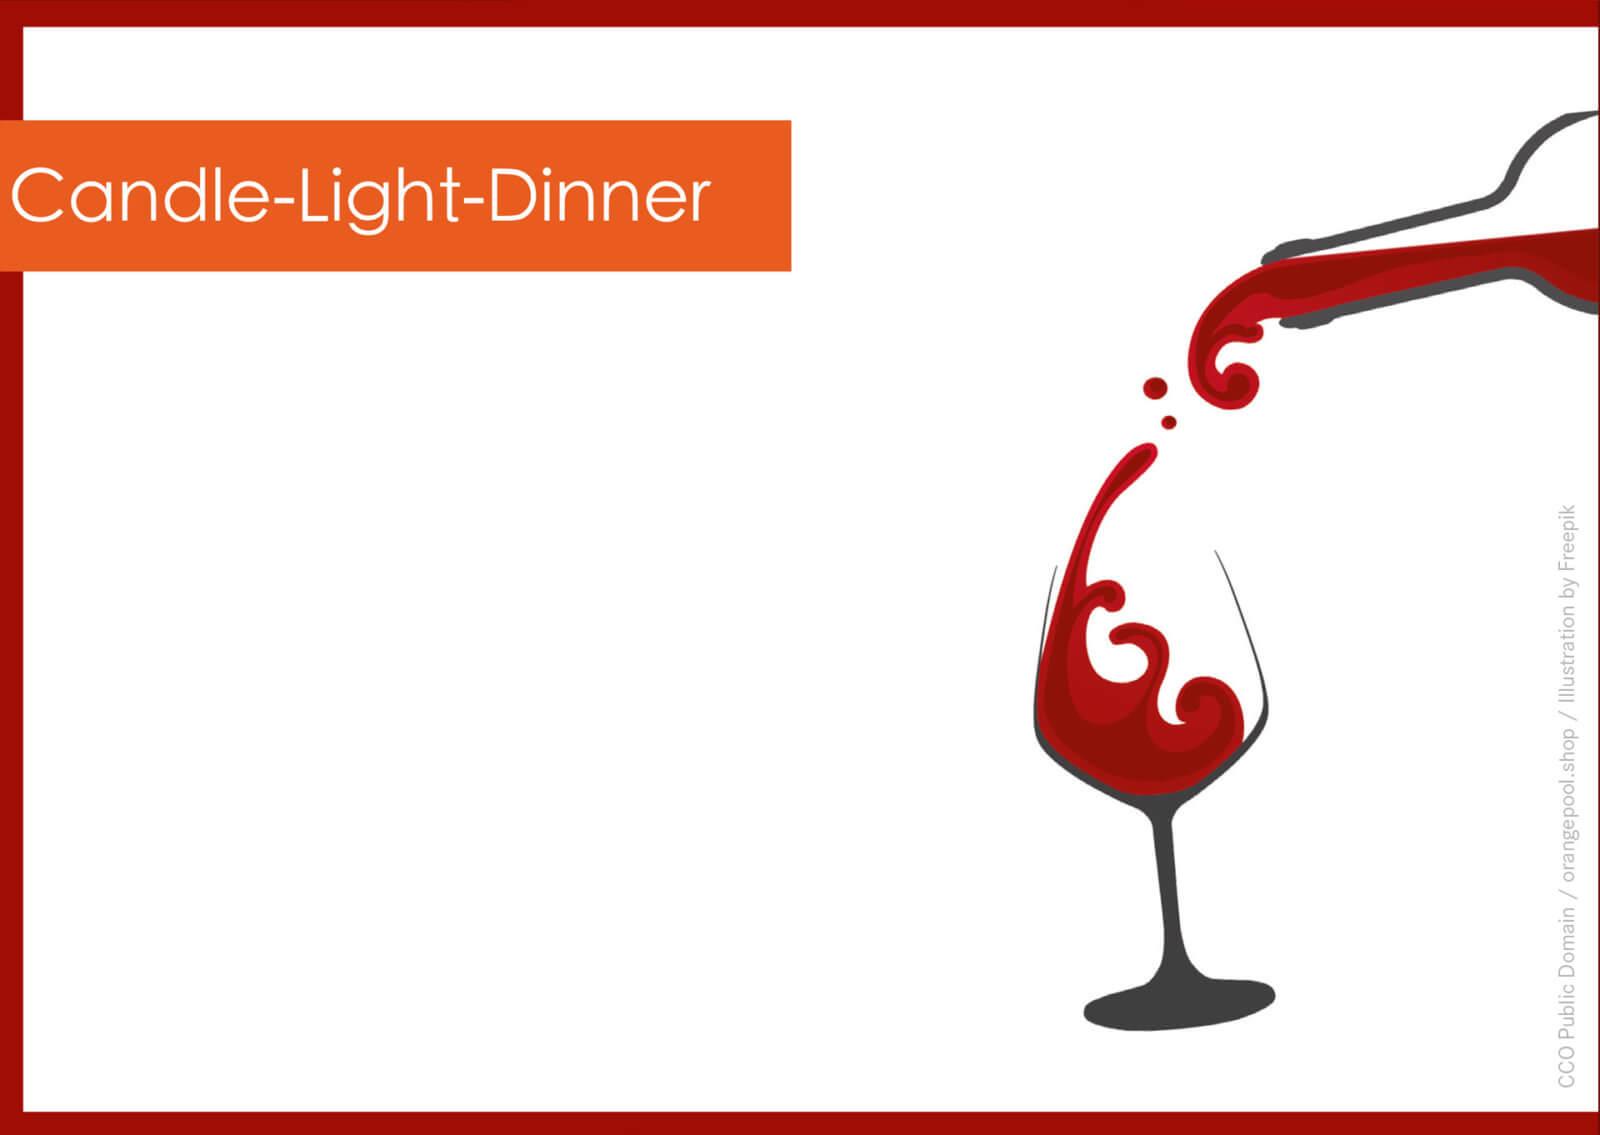 Geschenkgutschein Candle-Light-Dinner - kostenlose Vorlage